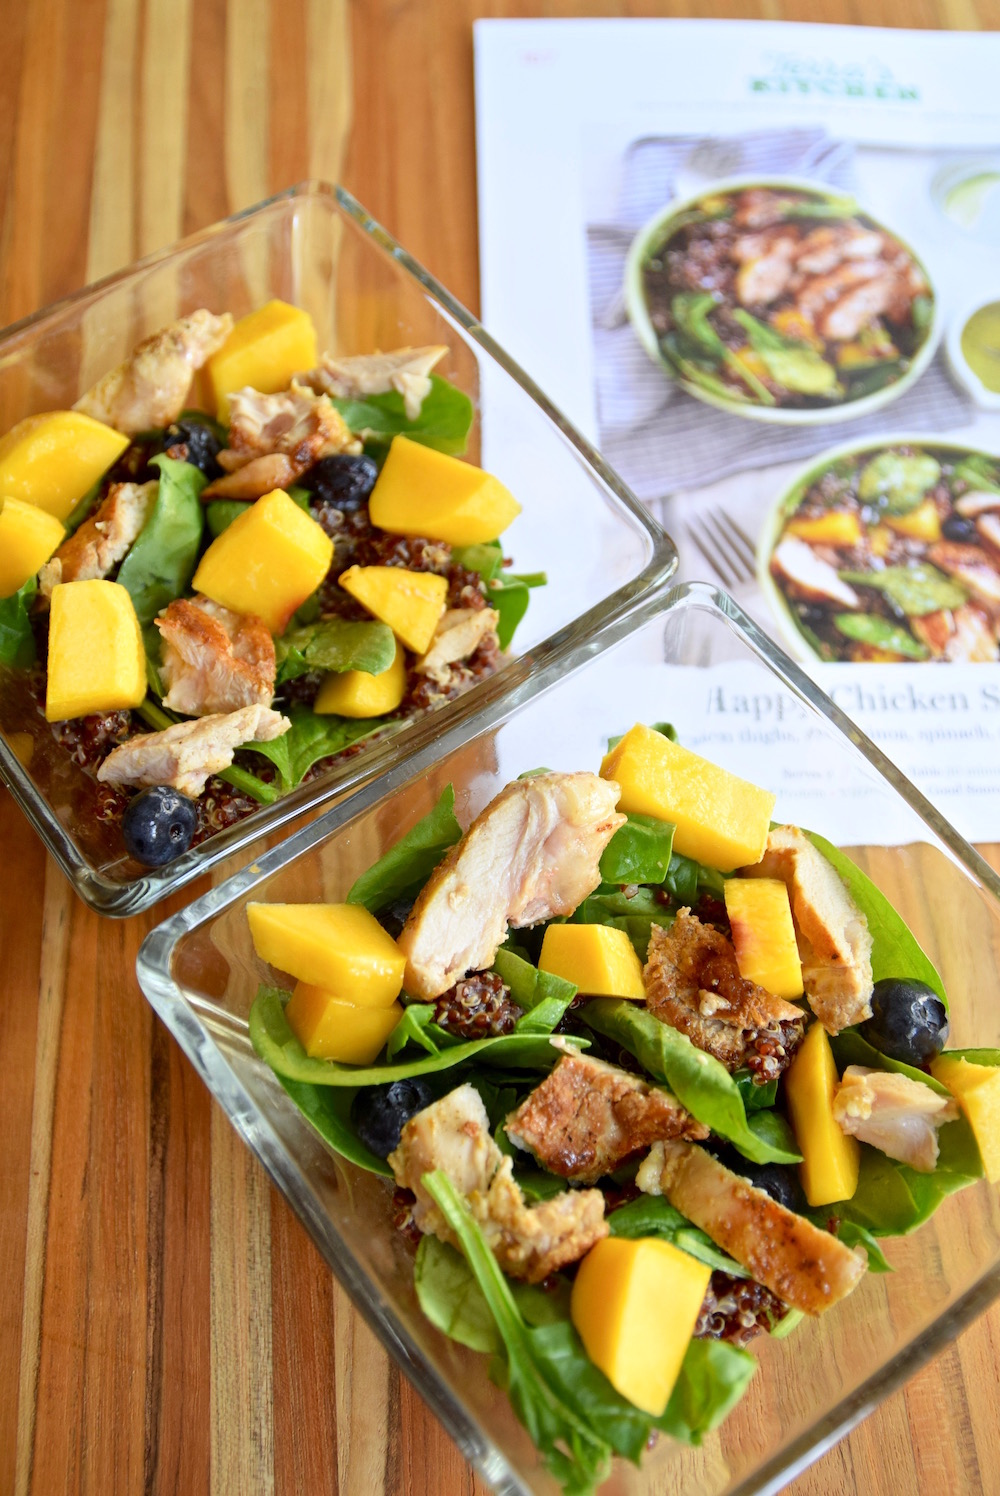 Terra's Kitchen chicken salad